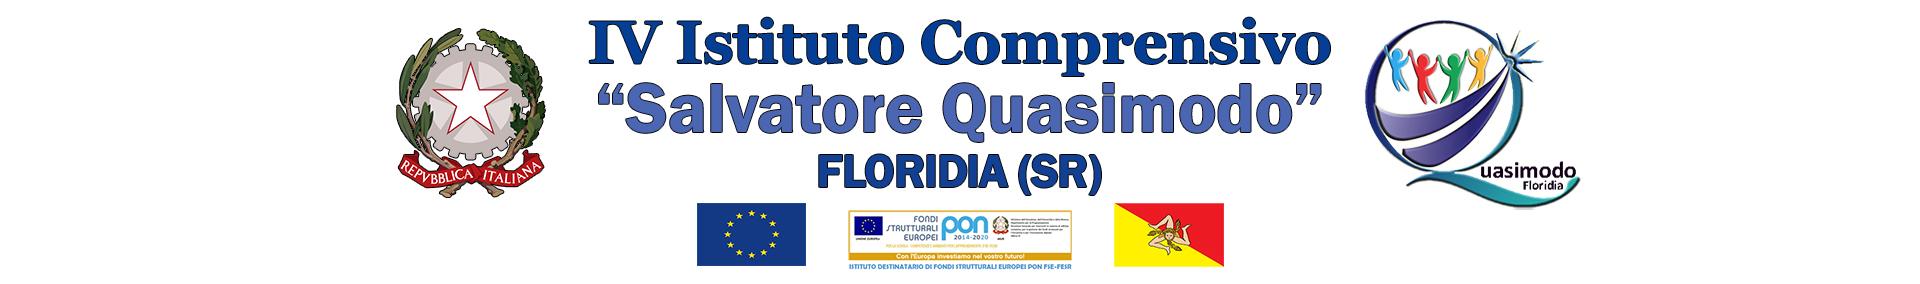 IV I.C. QUASIMODO FLORIDIA